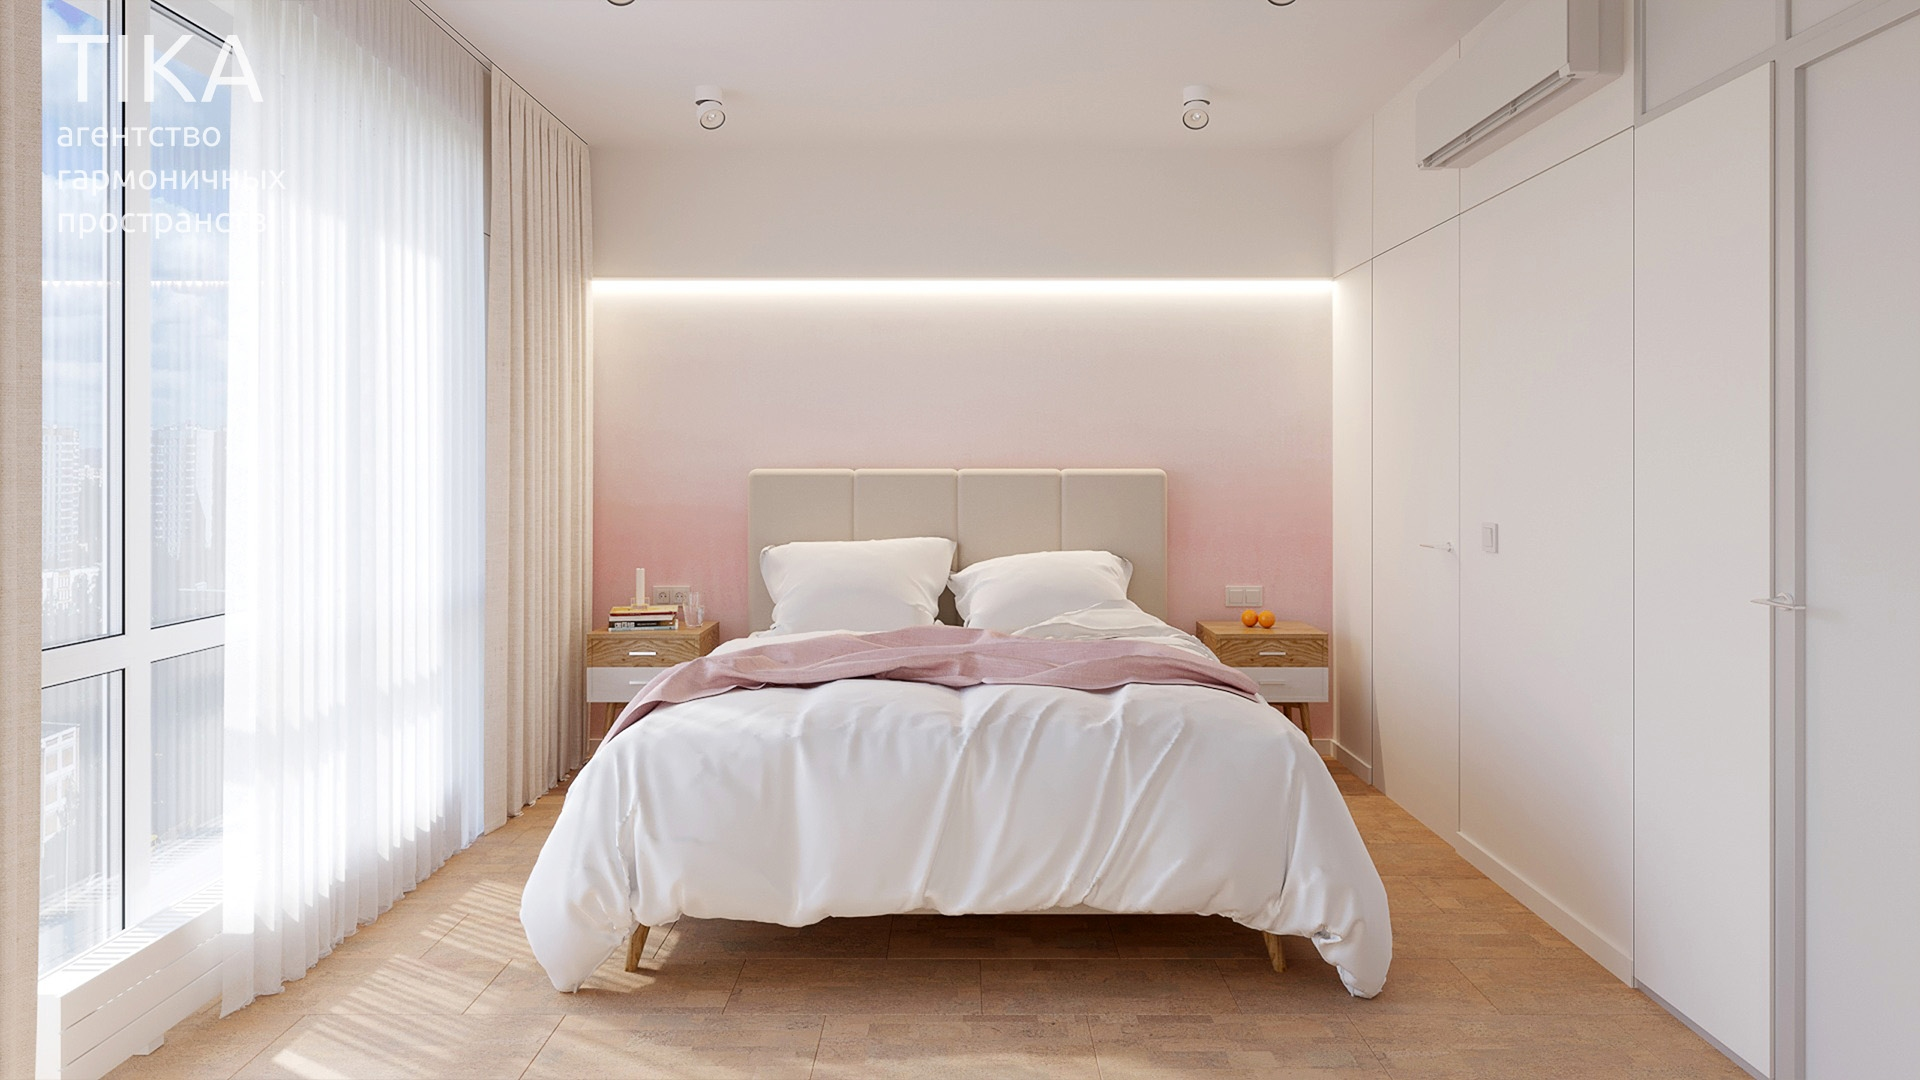 Изображение для проекта Дизайн интерьера квартиры в Москве 2135